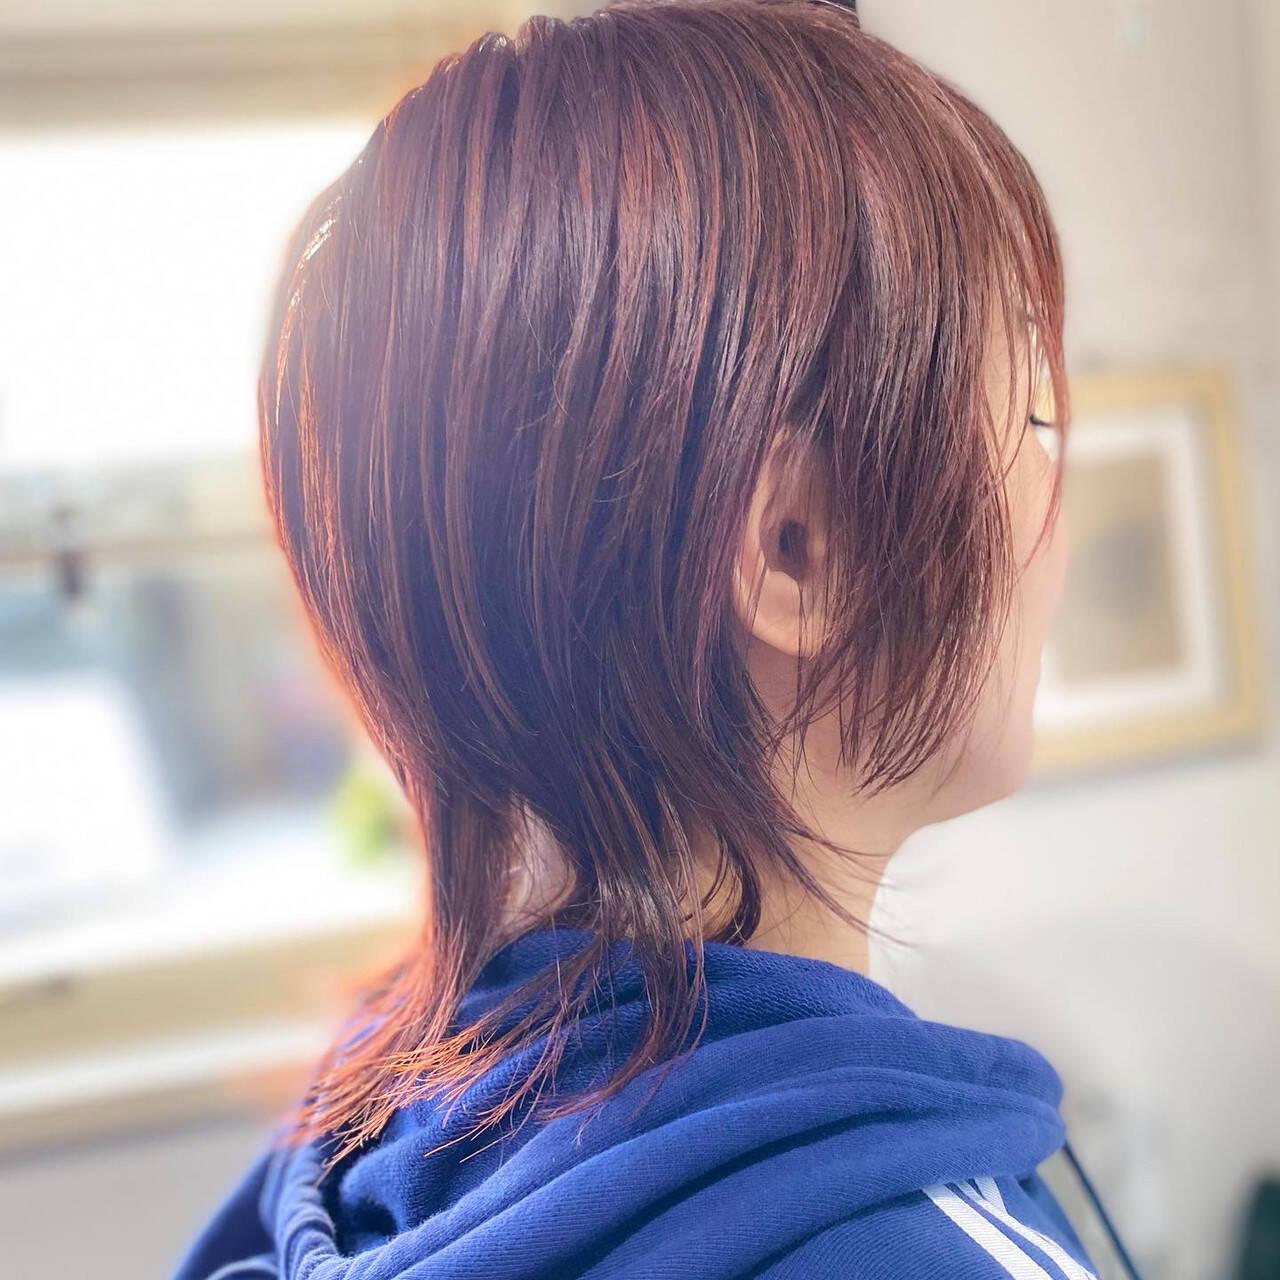 ミディアム ベリーピンク ピンクベージュ ナチュラルヘアスタイルや髪型の写真・画像